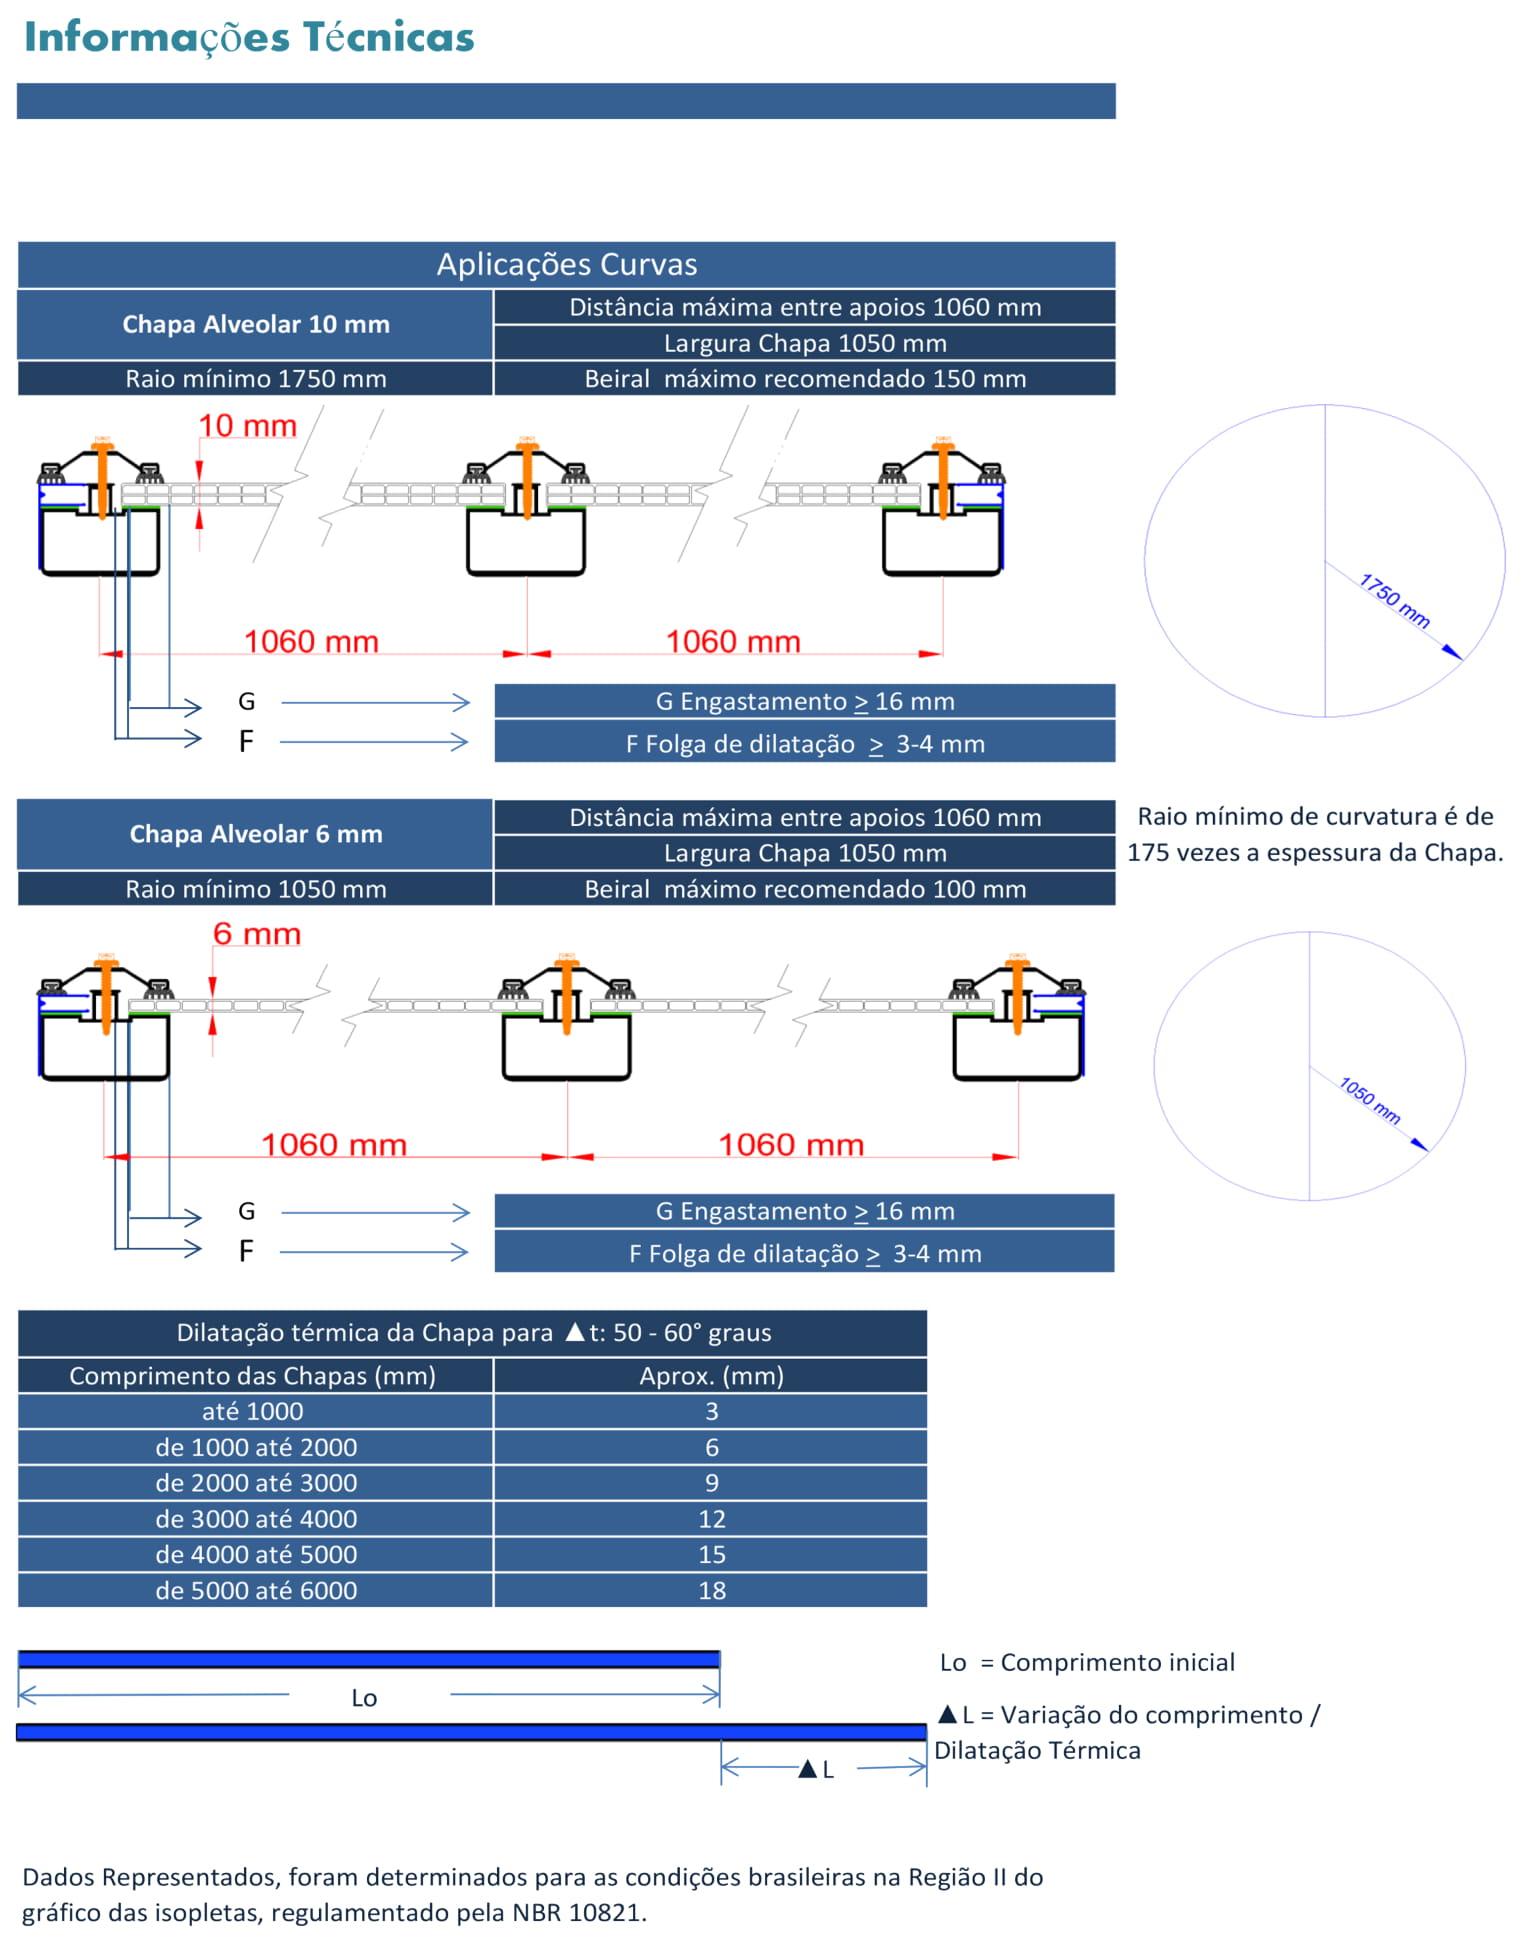 2 Dados Técnicos Chapas Alveolares 6 e 10 mm - POLYSOLUTION - Aplicações Curvas